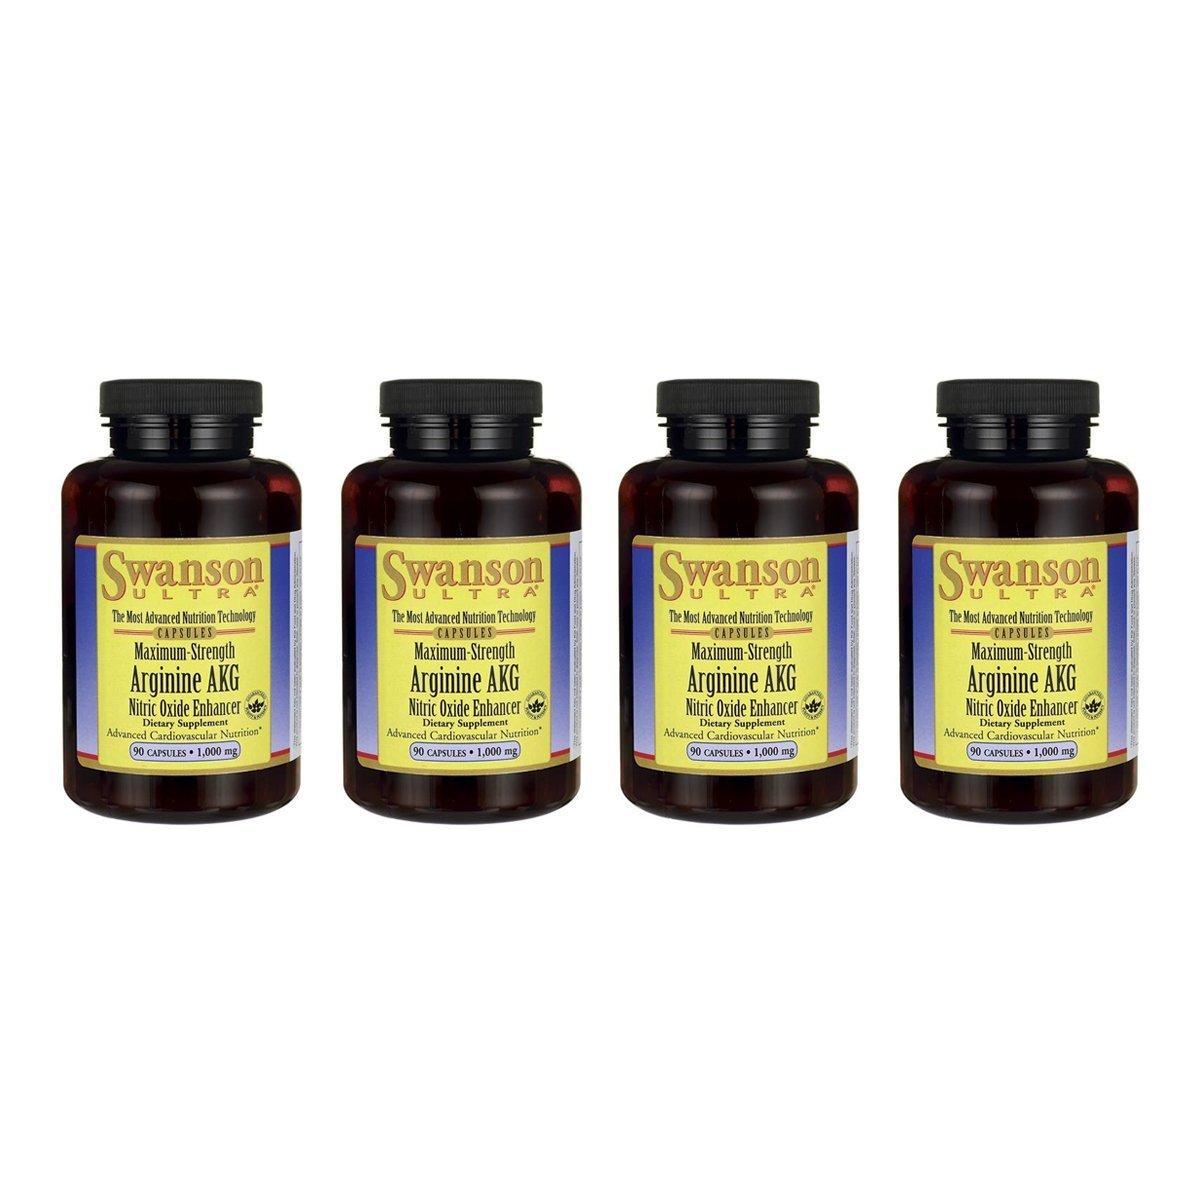 Swanson Arginine Akg 1 g 90 Caps 4 Pack